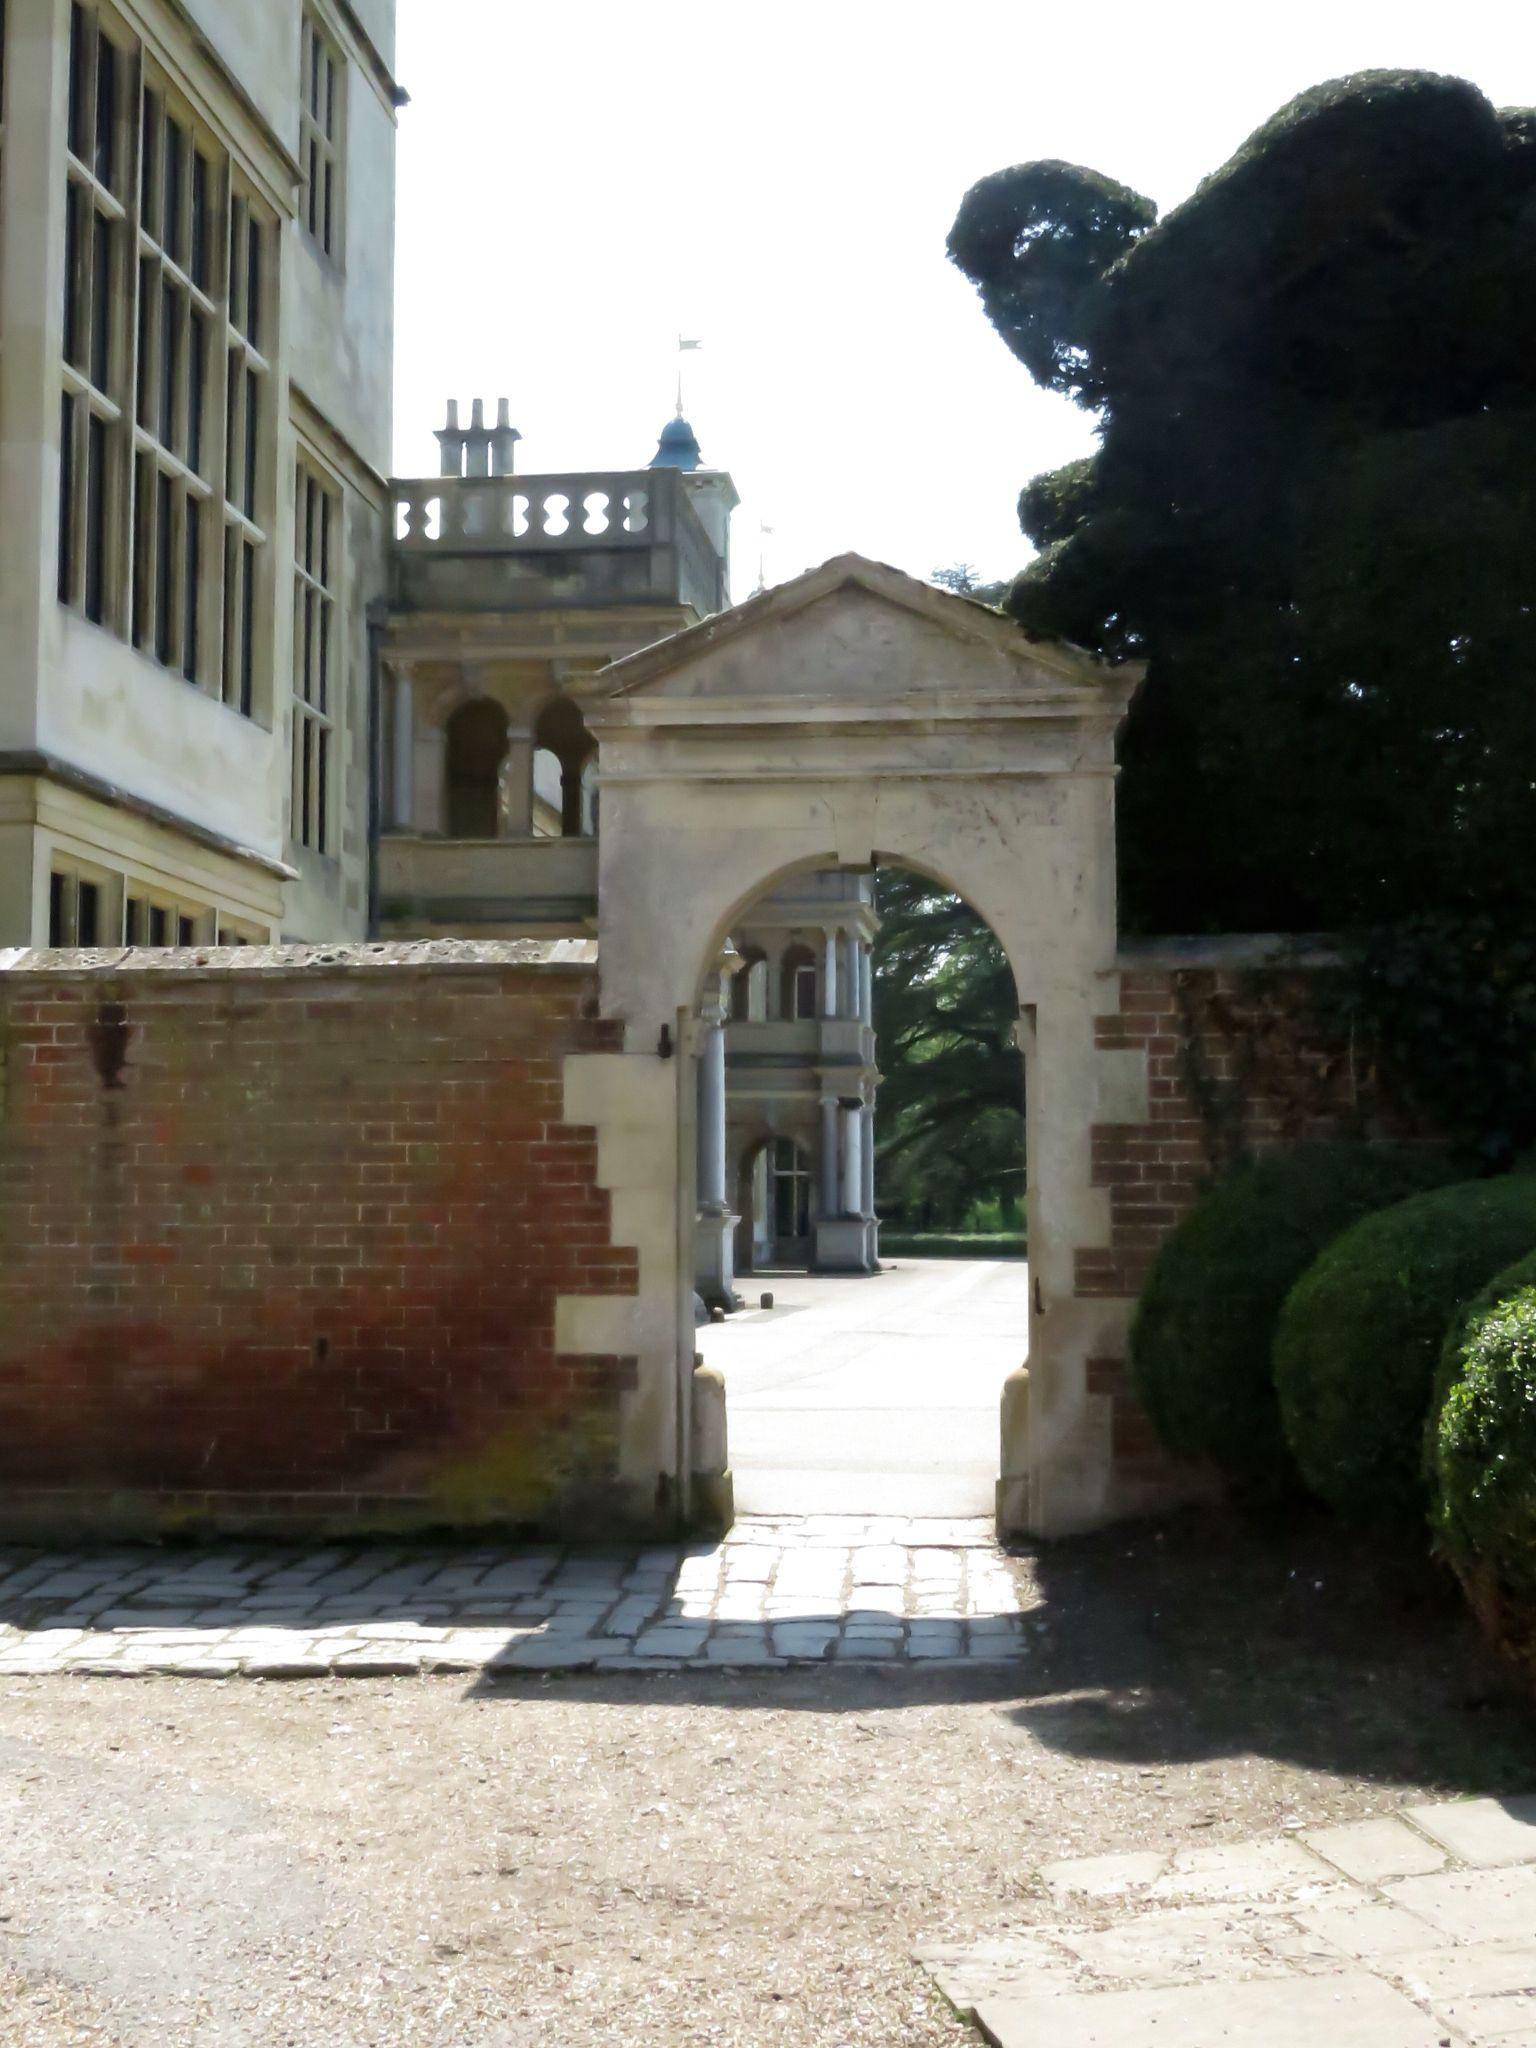 Audley End House and gardens Saffron Walden Essex